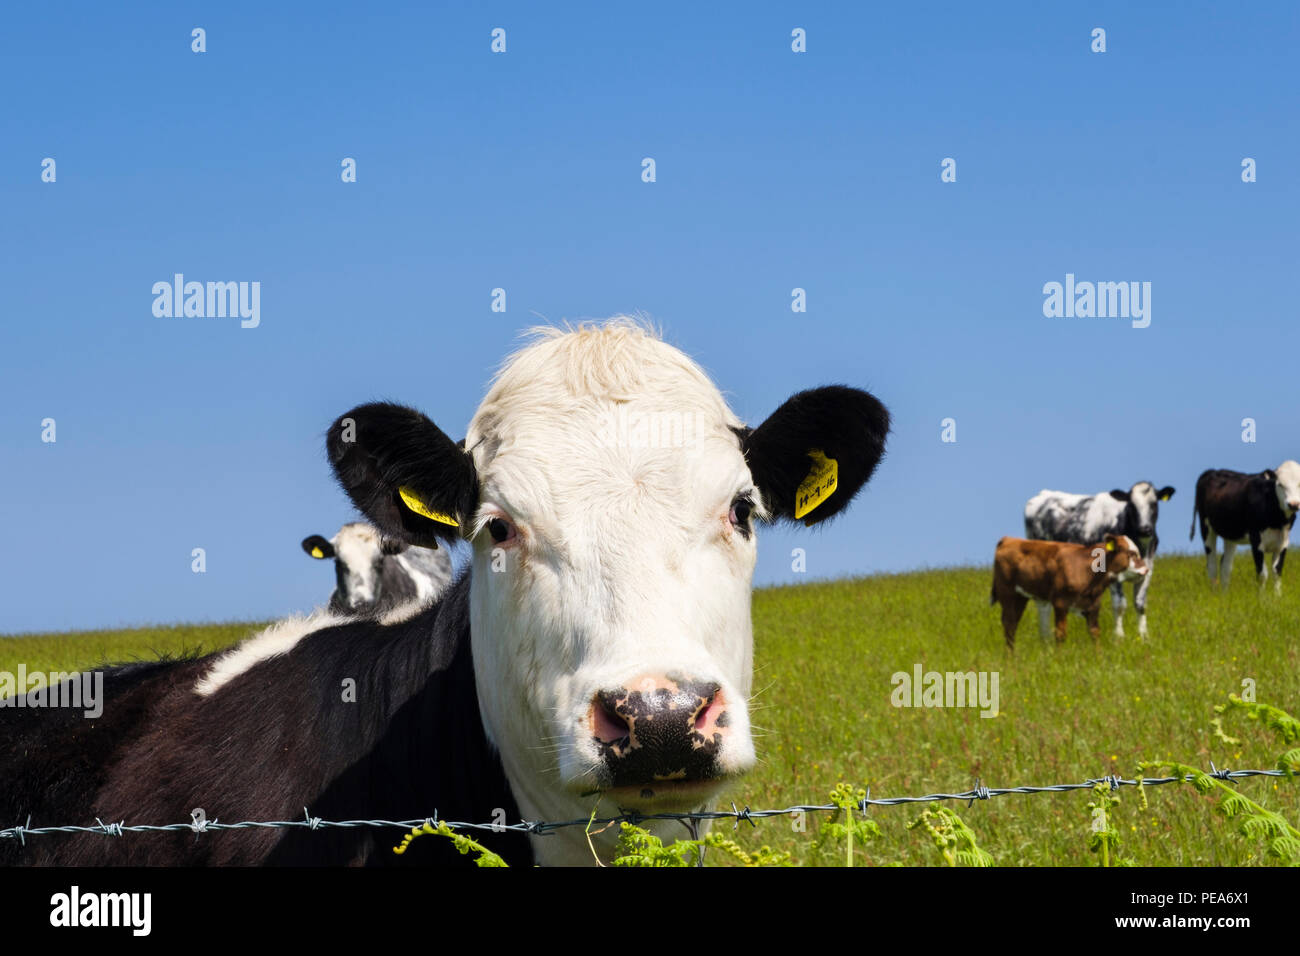 Noir et blanc curieux Freisian vache dans un champ de vaches laitières à plus d'une clôture en fil barbelé. Ile d'Anglesey, au Pays de Galles, Royaume-Uni, Angleterre Photo Stock